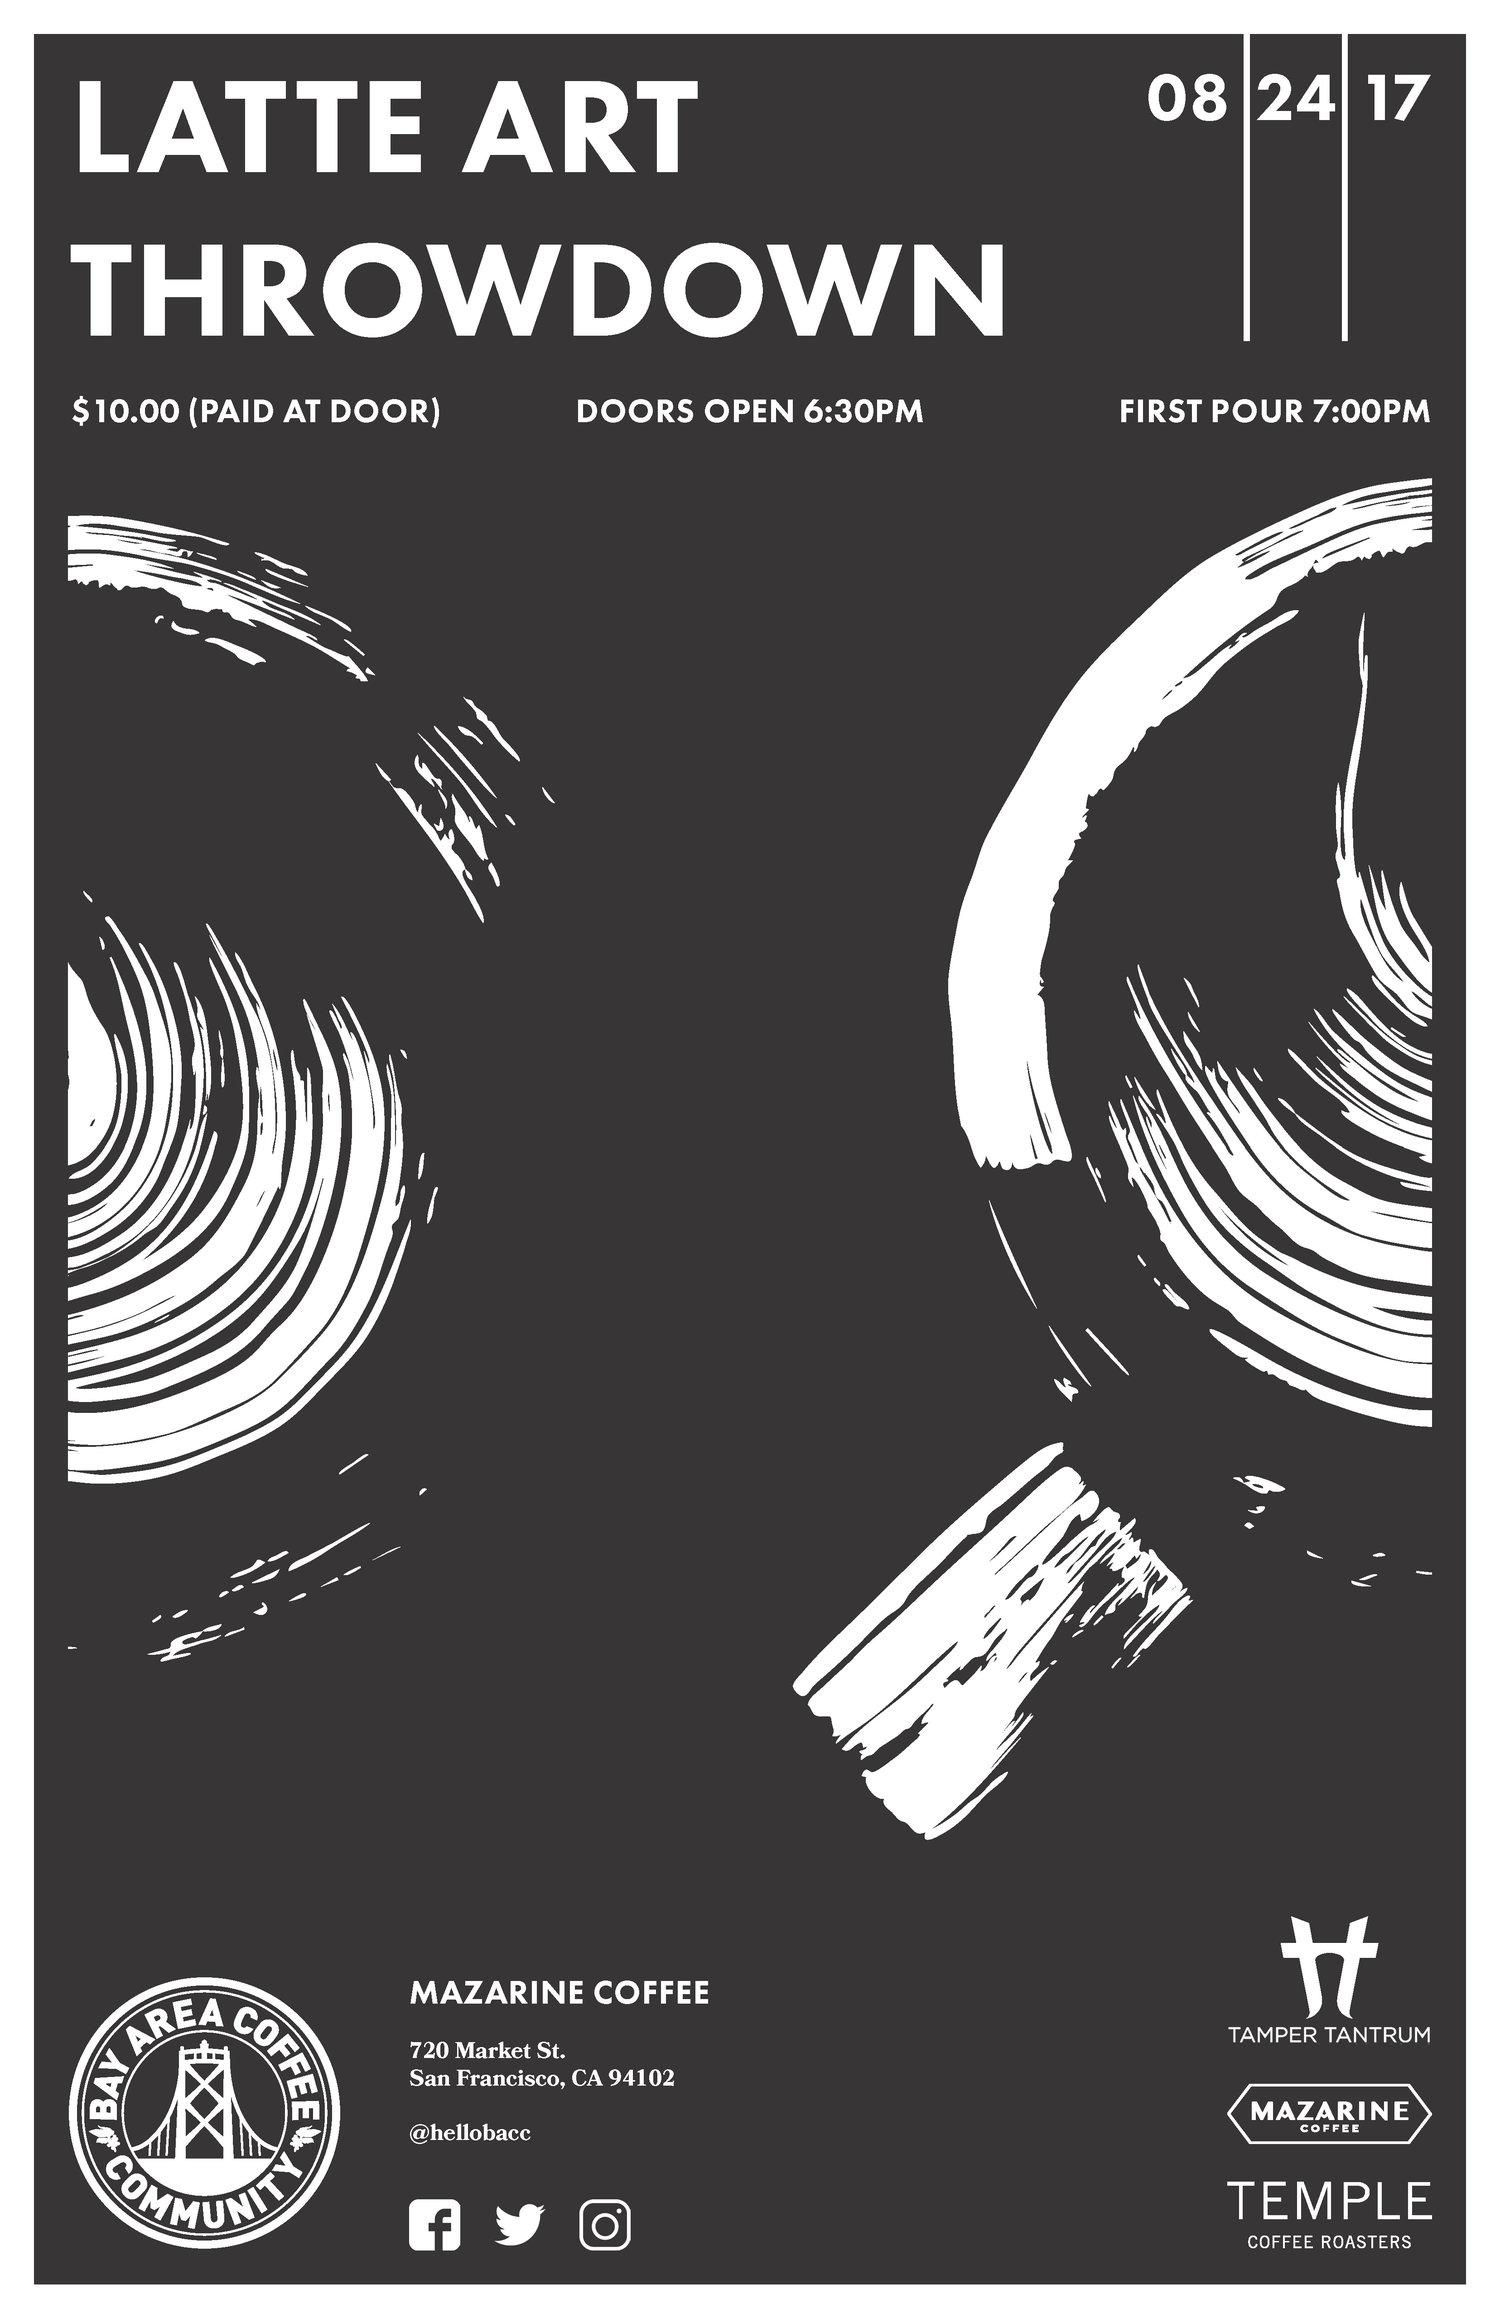 Poster+for+Printing+-+170824+Latte+Art+Throwdown.jpg